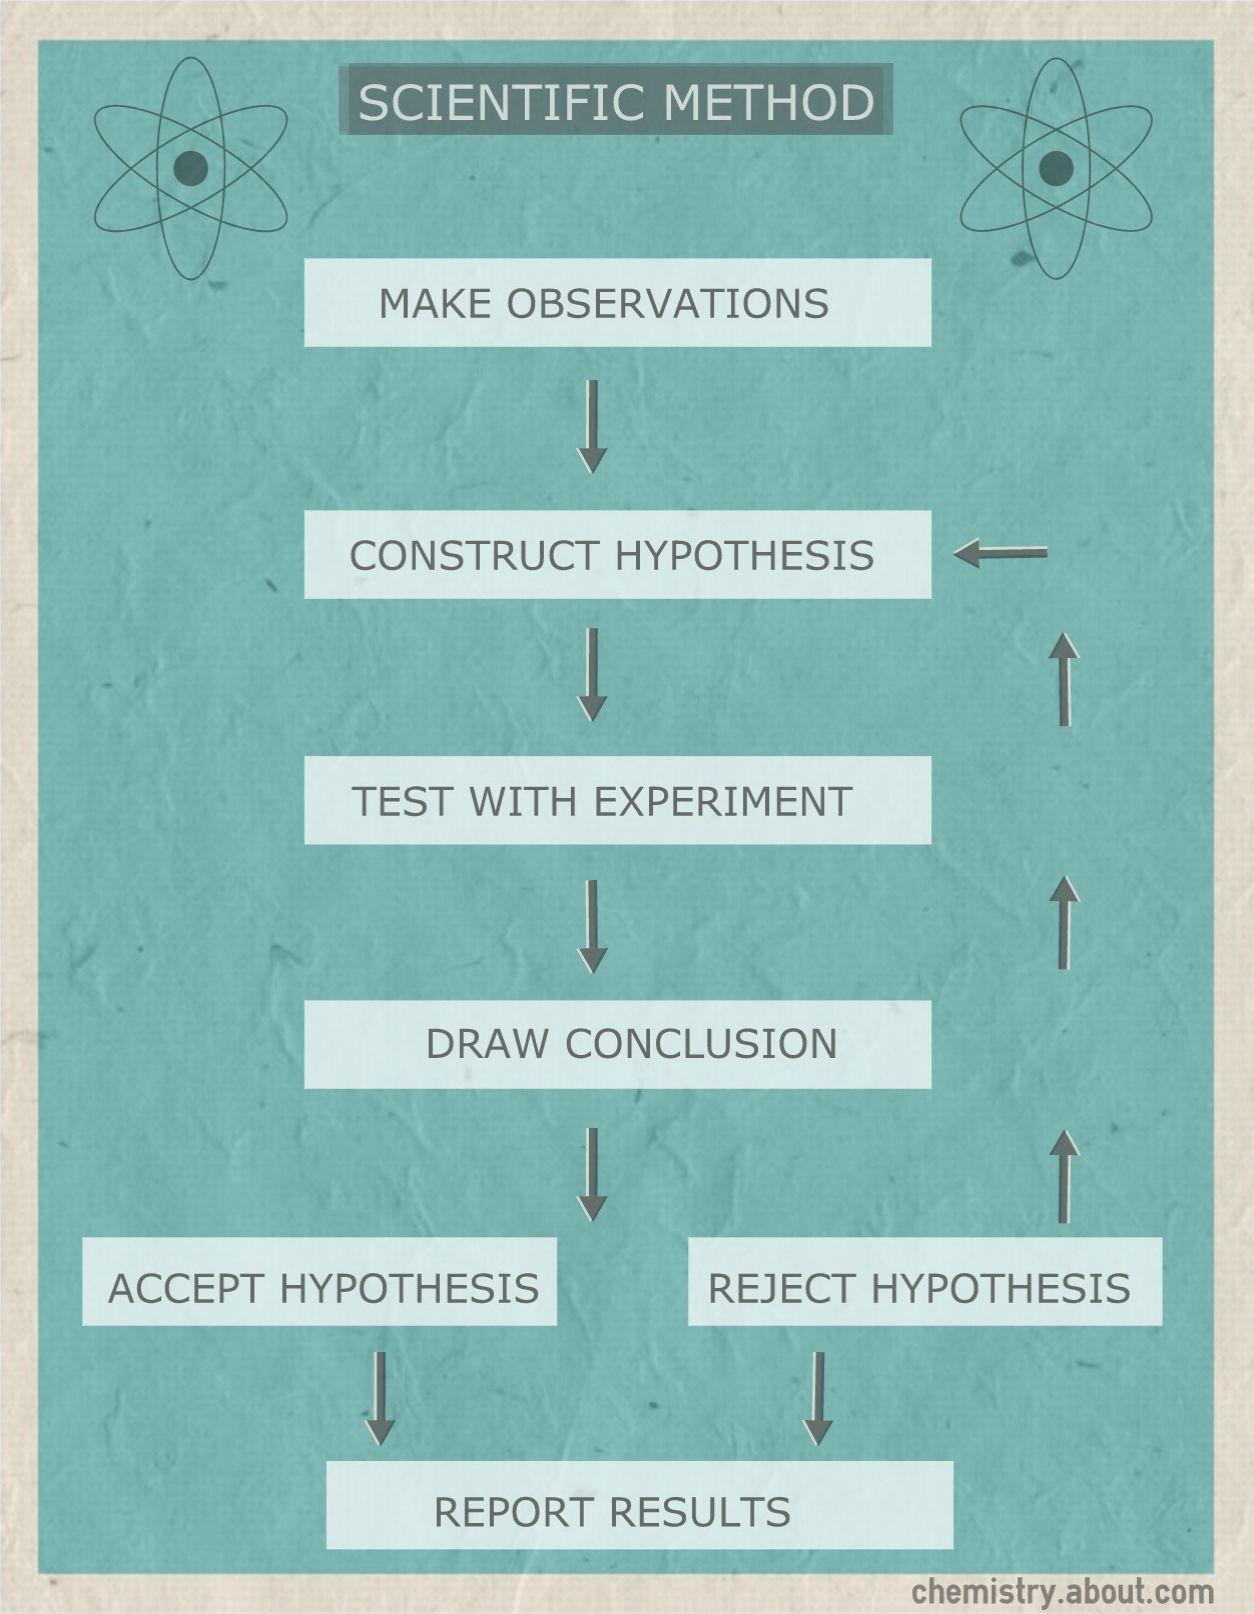 Scientific Method Flow Chart